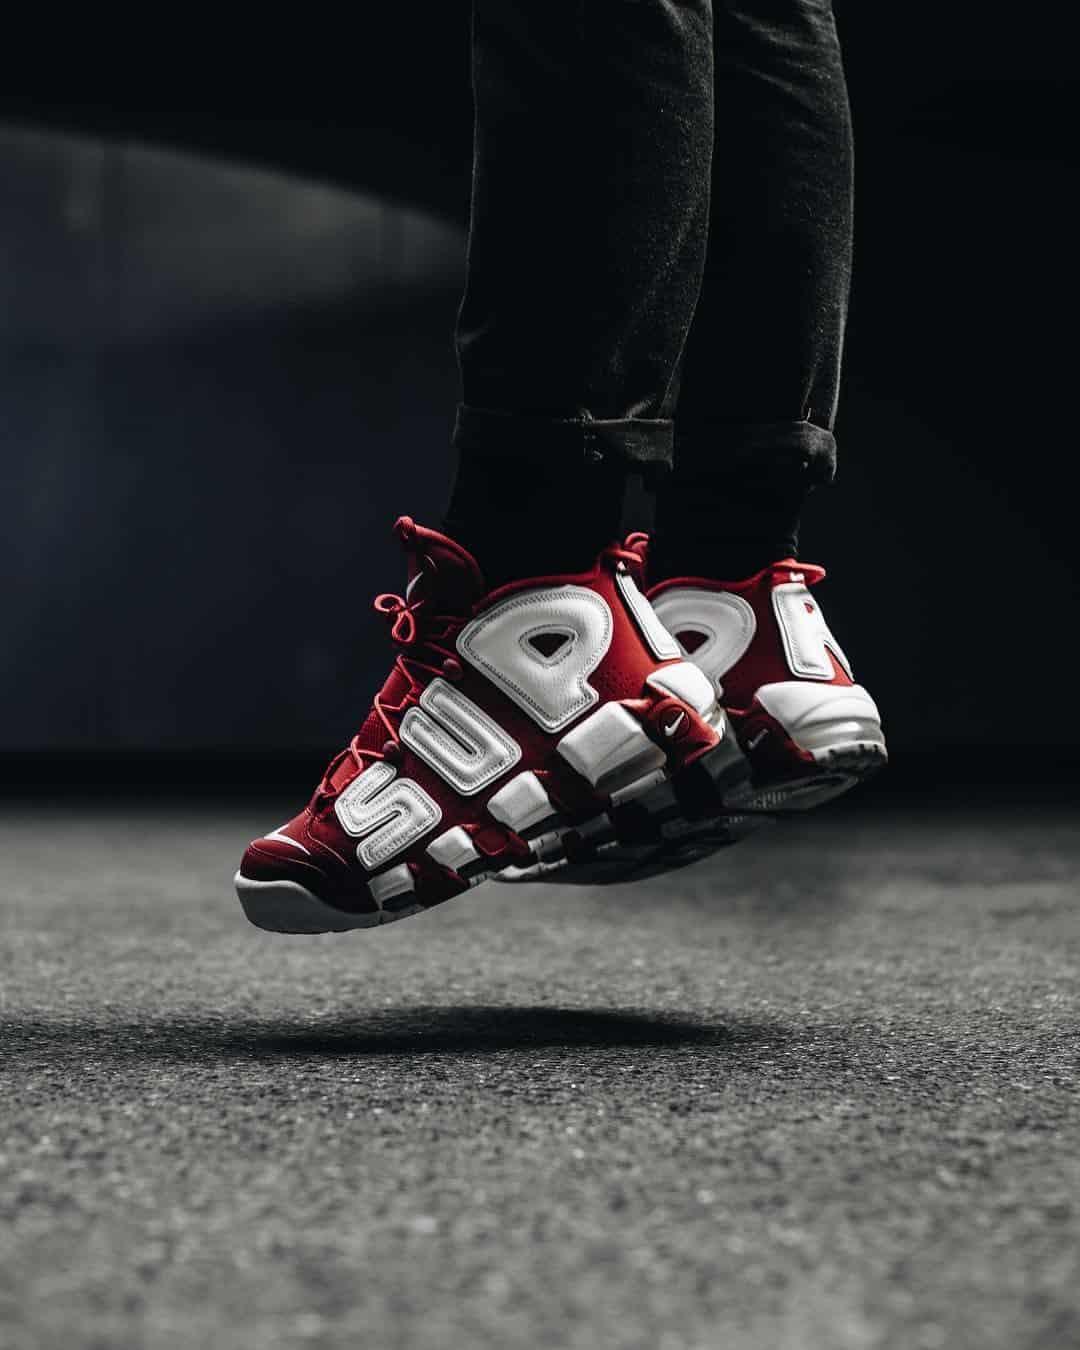 Đôi giày khi trên chân khá hầm hố